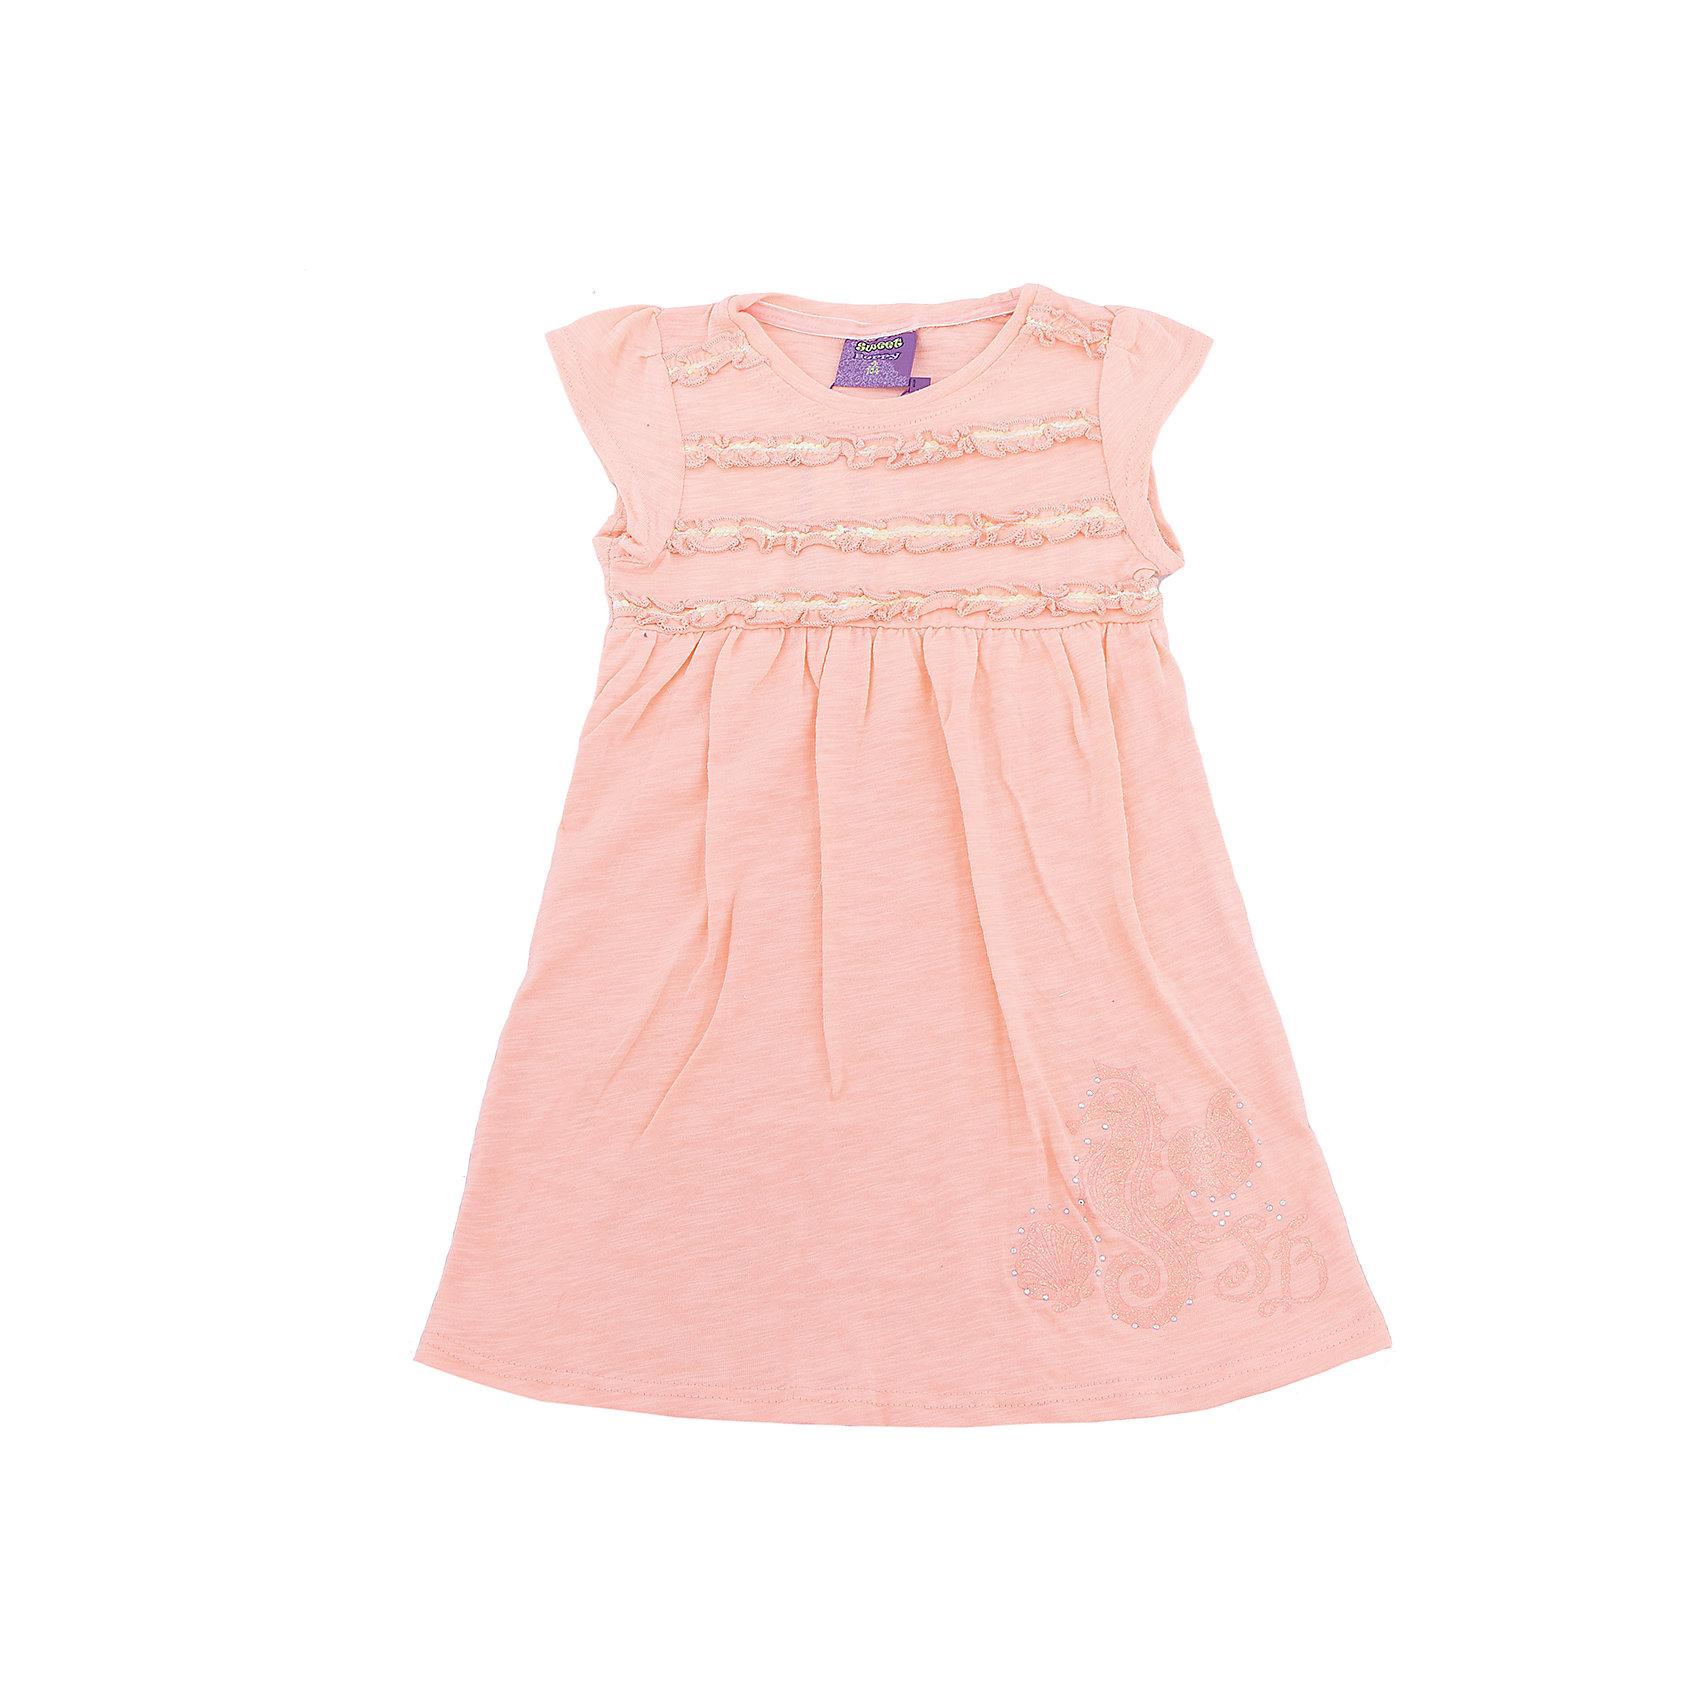 Платье для девочки Sweet BerryПлатья и сарафаны<br>Платья для девочки из трикотажного полотна свободного кроя. Декорированное оригинальной сборкой.<br>Состав:<br>100%хлопок<br><br>Ширина мм: 236<br>Глубина мм: 16<br>Высота мм: 184<br>Вес г: 177<br>Цвет: оранжевый<br>Возраст от месяцев: 60<br>Возраст до месяцев: 72<br>Пол: Женский<br>Возраст: Детский<br>Размер: 116,122,128,104,98,110<br>SKU: 5409831